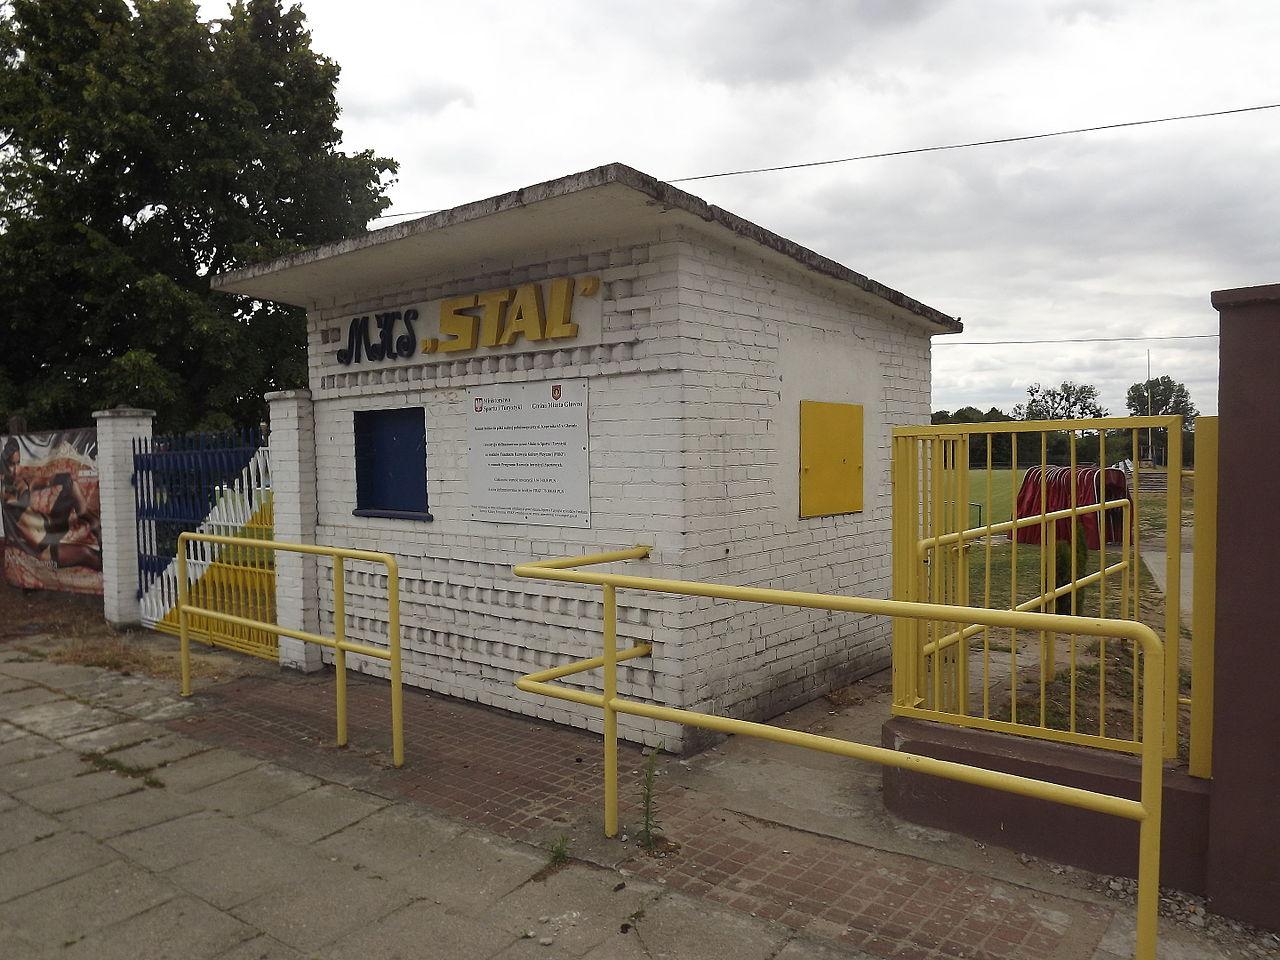 File Kasa Biletowa Na Stadionie Stali Glowno Jpg Wikimedia Commons